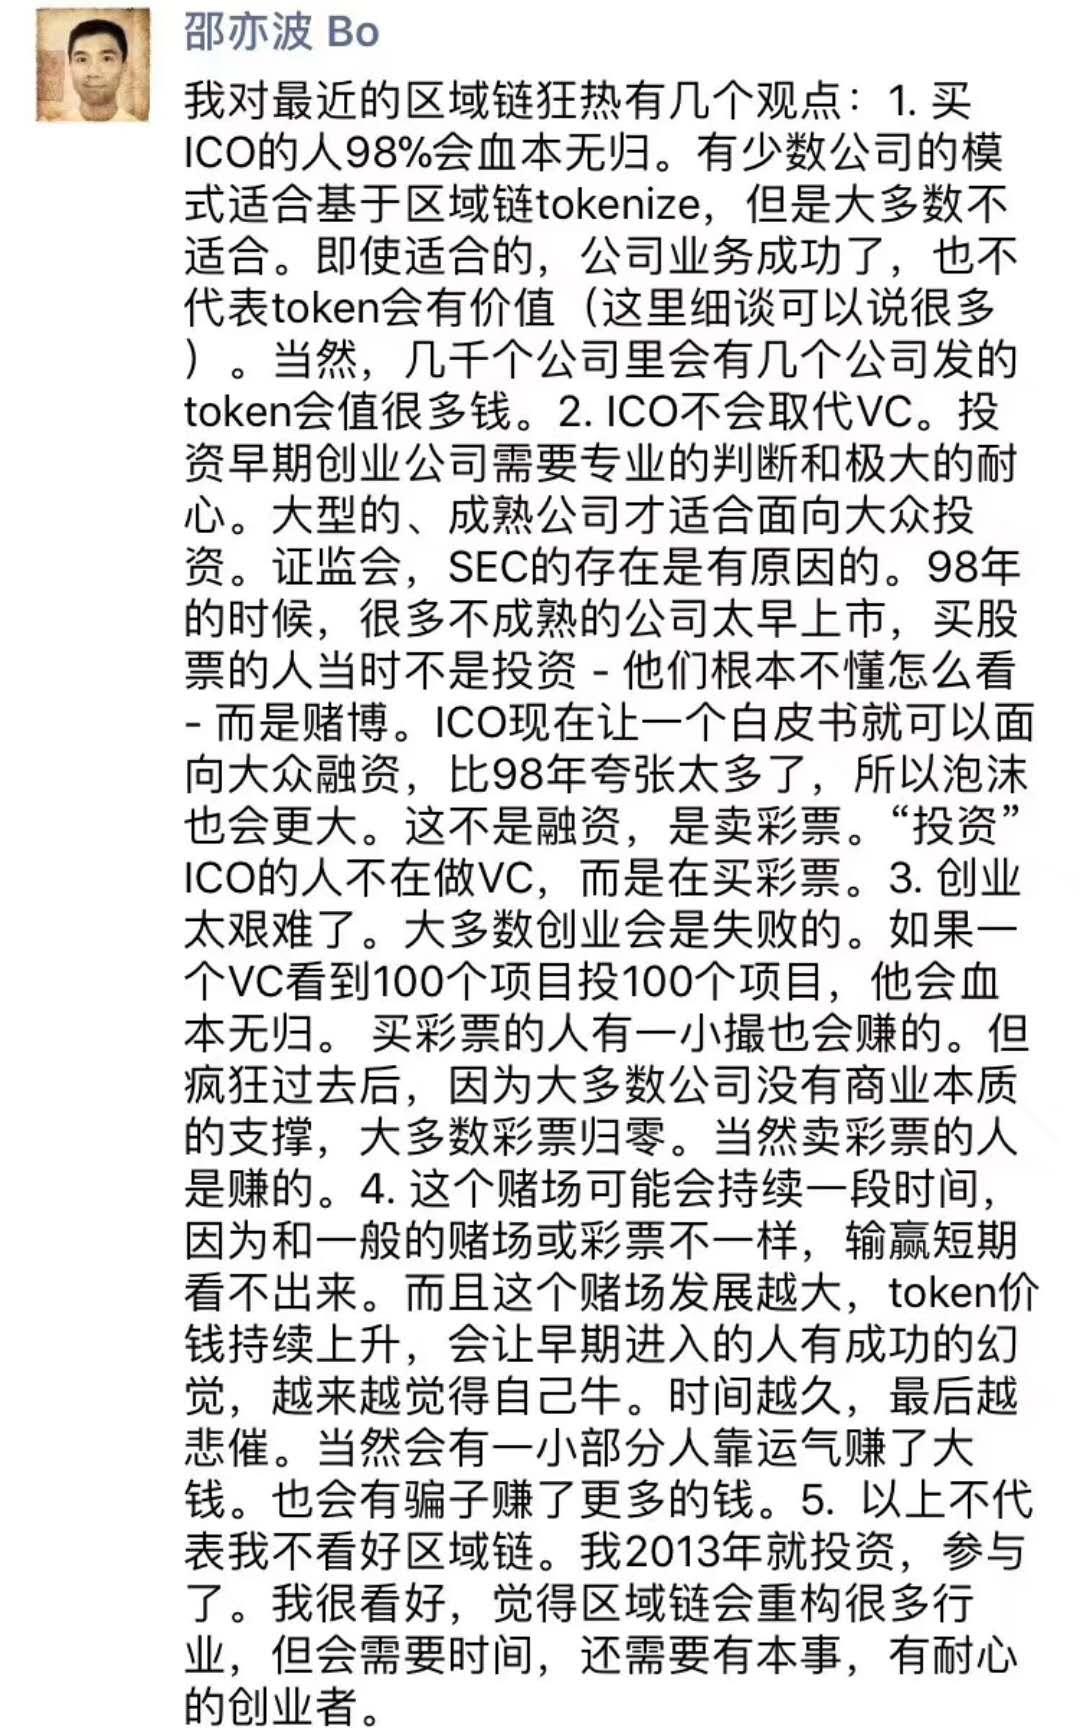 邵亦波现任经纬中国创始管理合伙人,曾投资宝宝树,猎聘,找钢网,分期乐等著名项目。